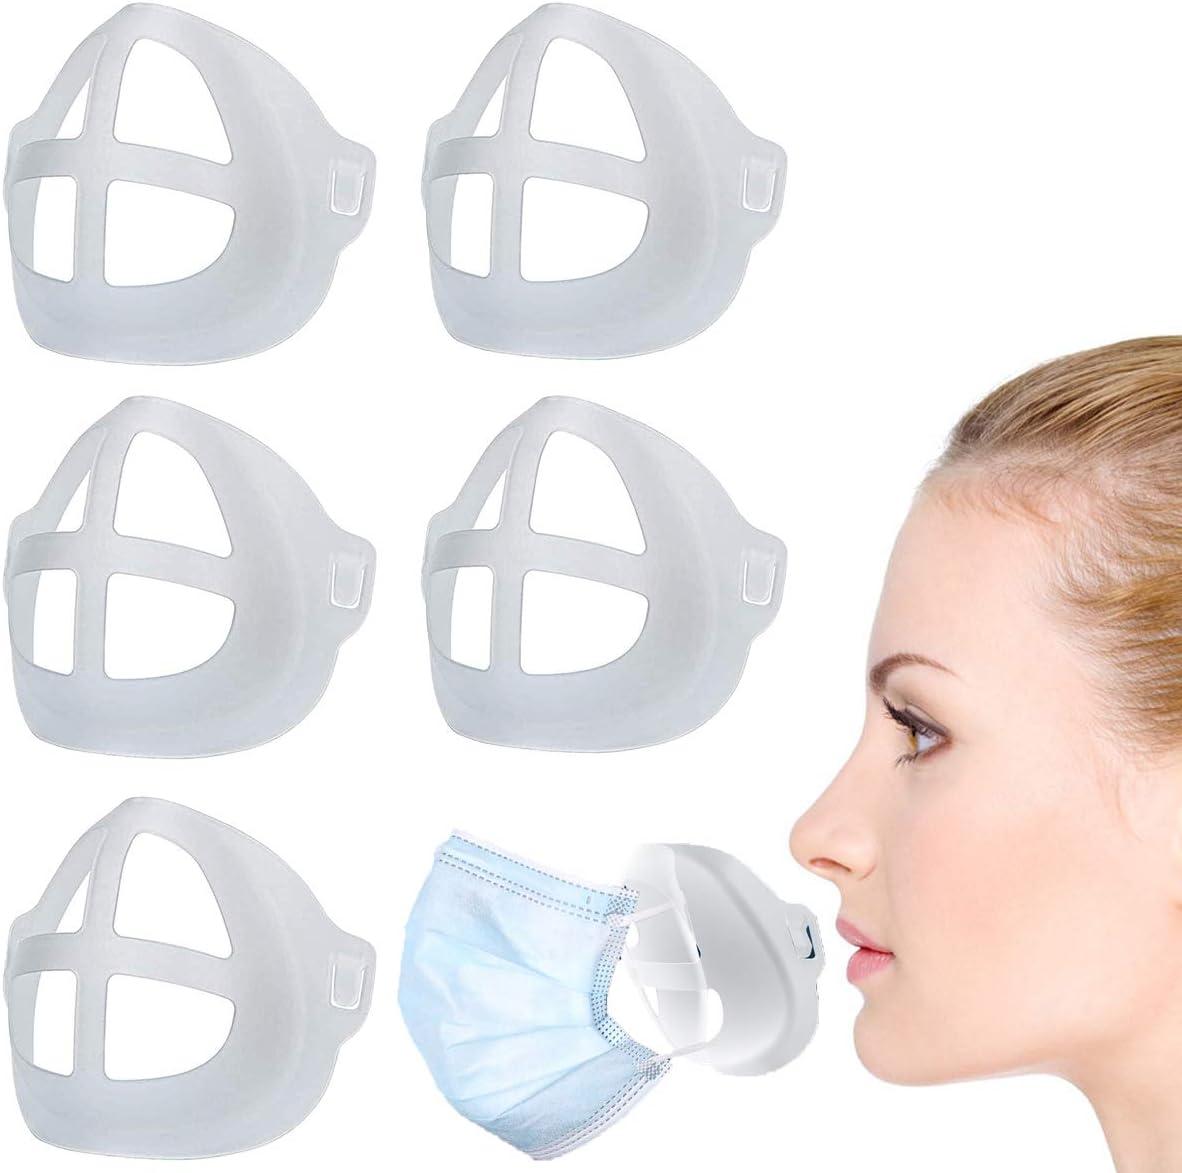 Bovldemt Soporte Reutilizable para la protección del lápiz Labial de la máscara Aumente el Espacio de respiración Ayuda a Respirar Suavemente Lavable